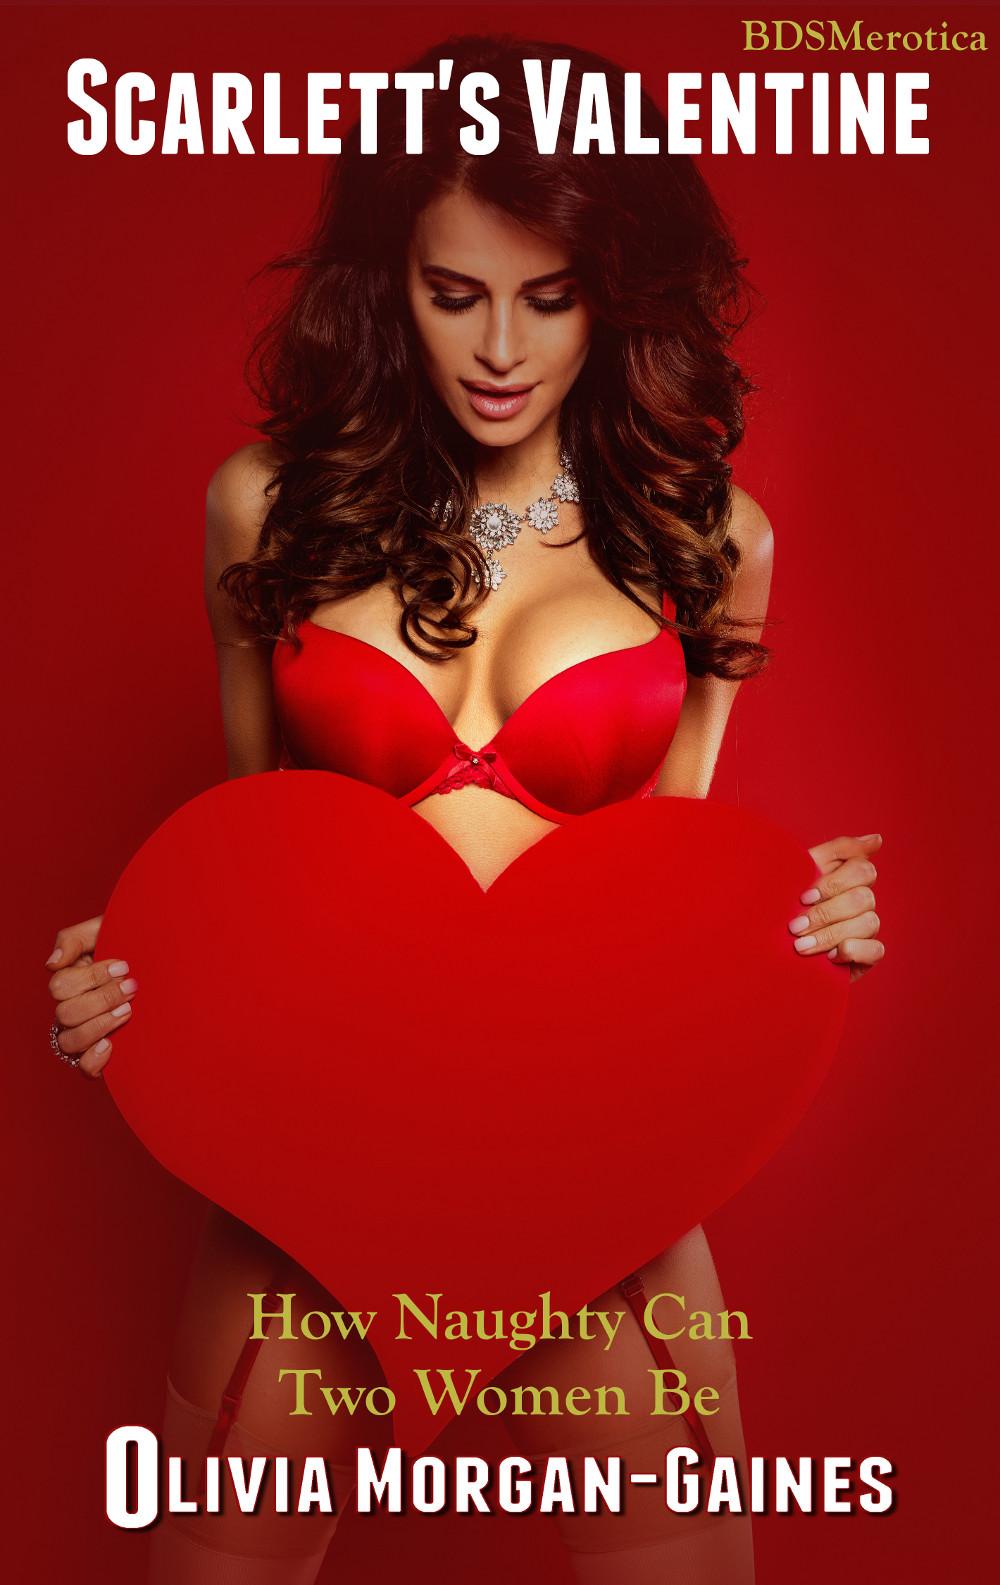 Scarlett's Valentine